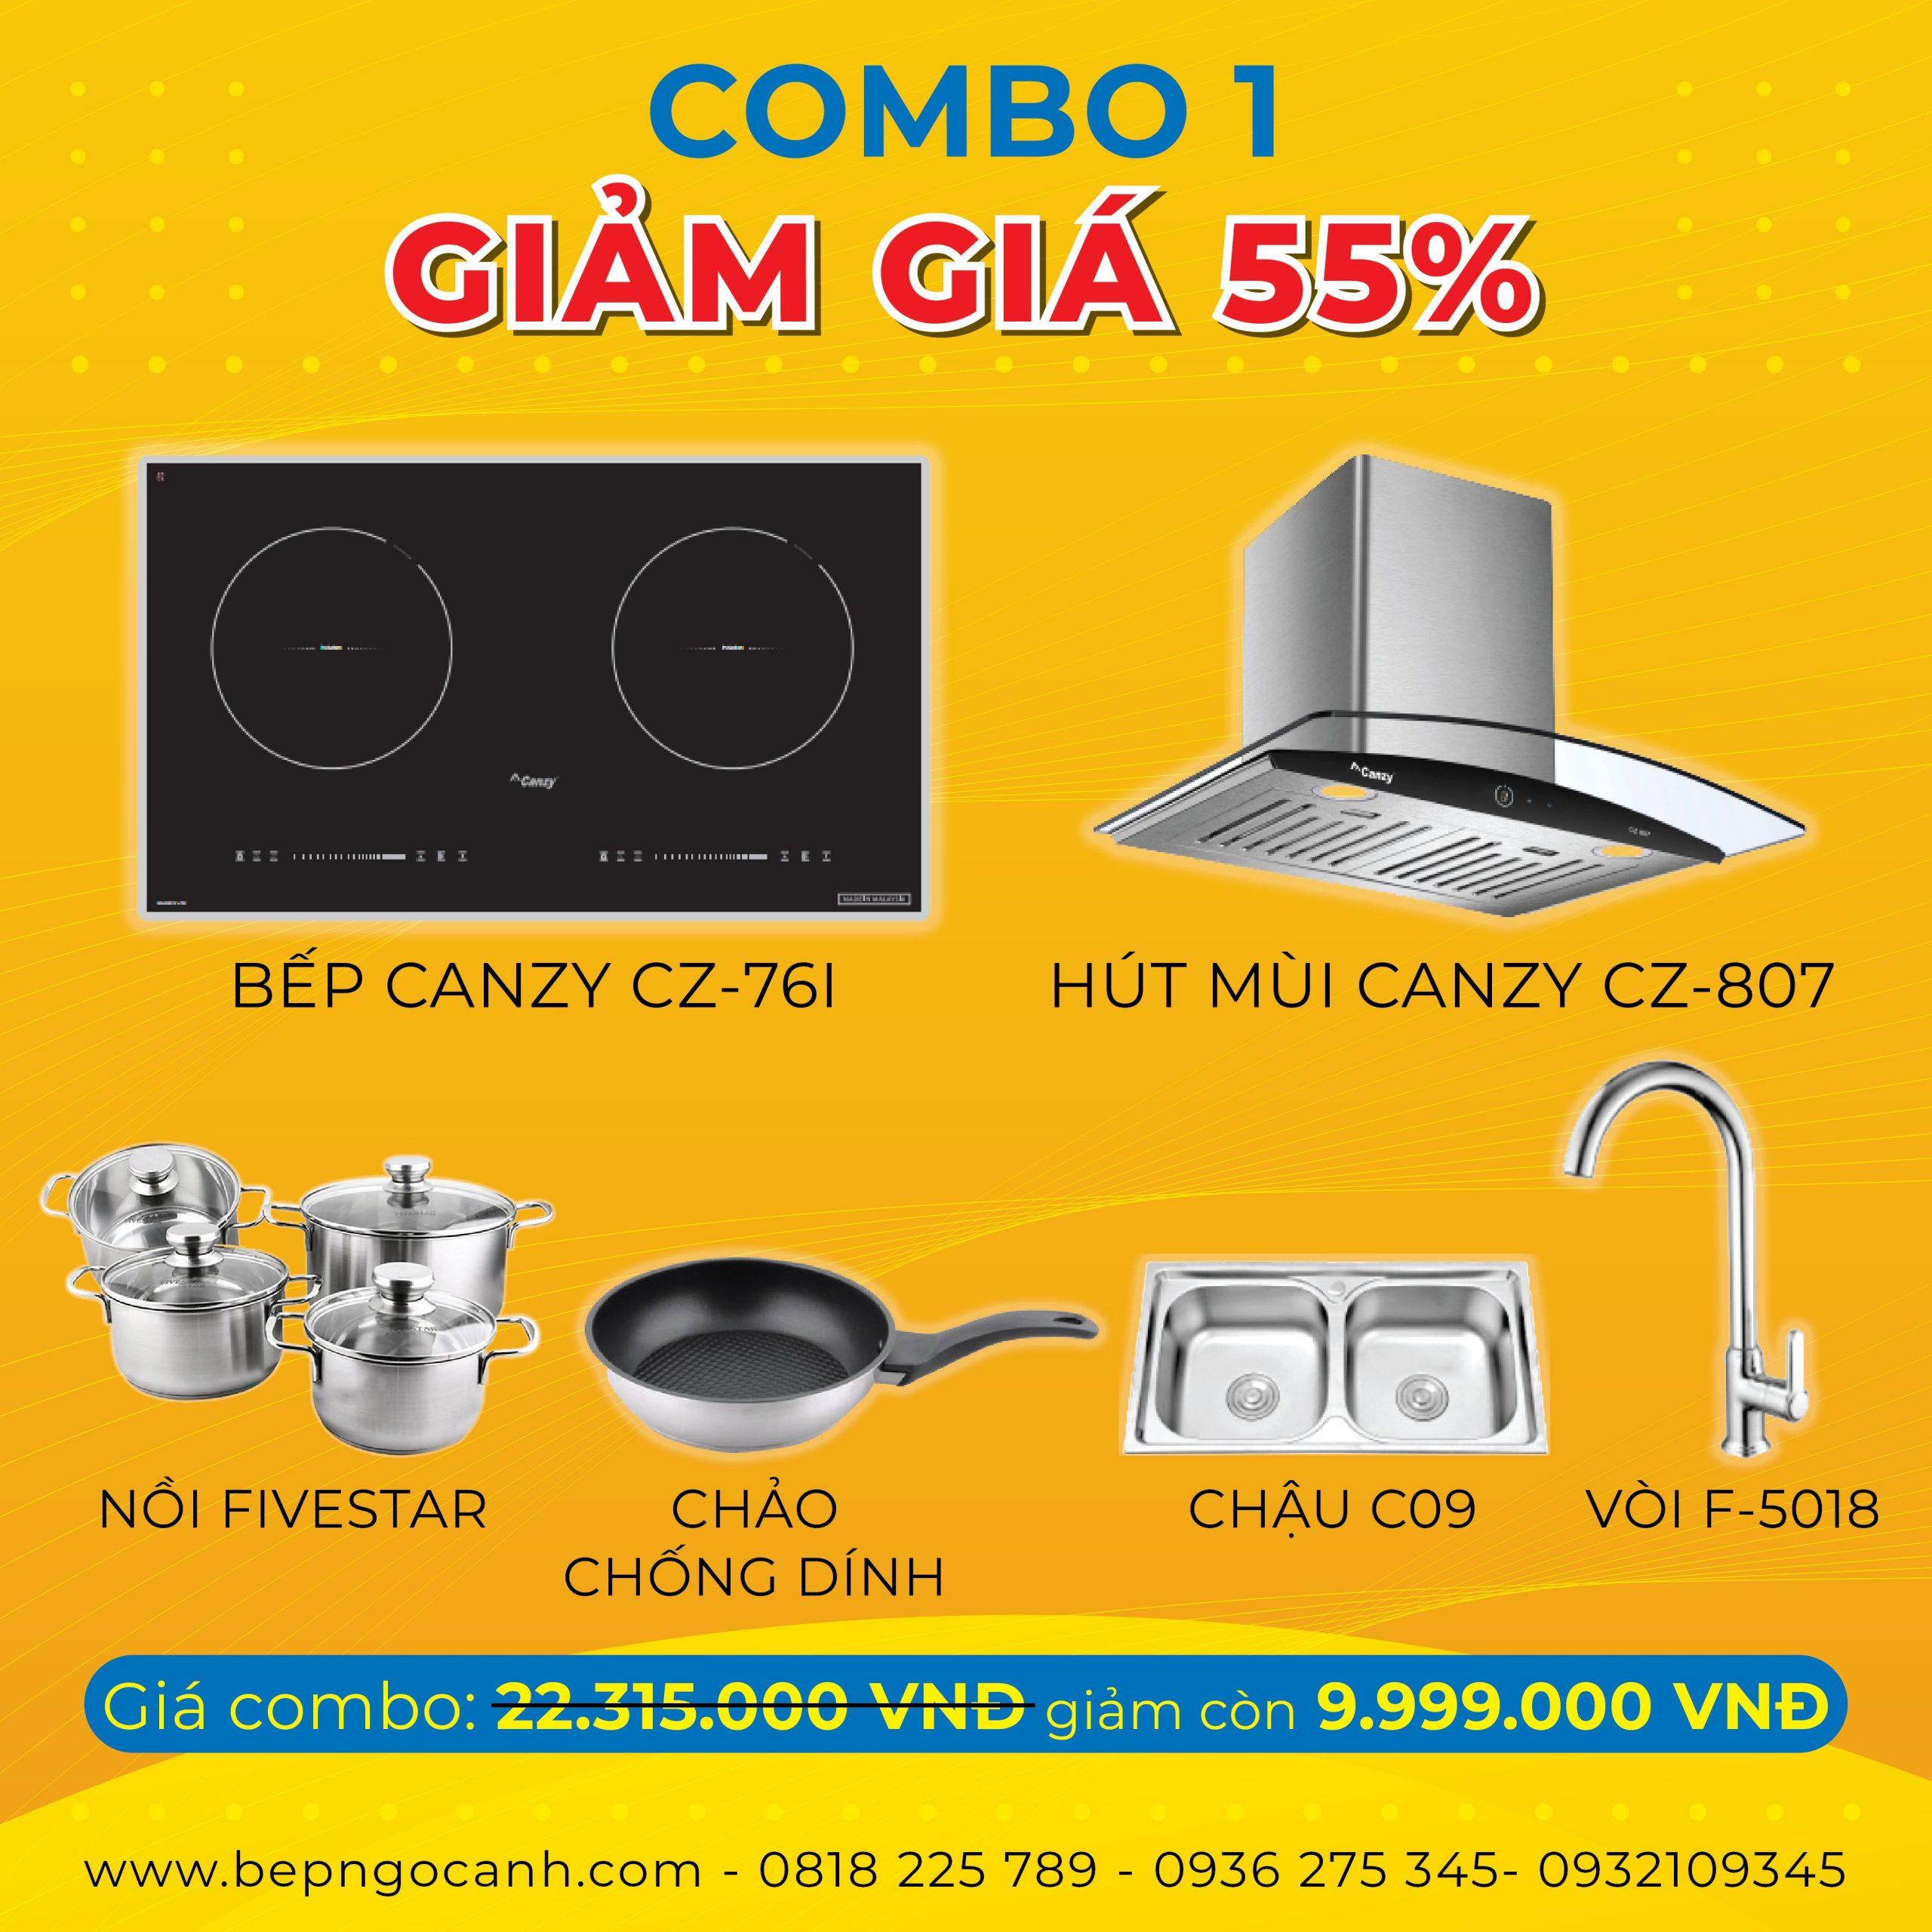 Combo tiết kiệm hơn 12 triệu VNĐ khi mua thiết bị nhà bếp tại Bếp Ngọc Ánh